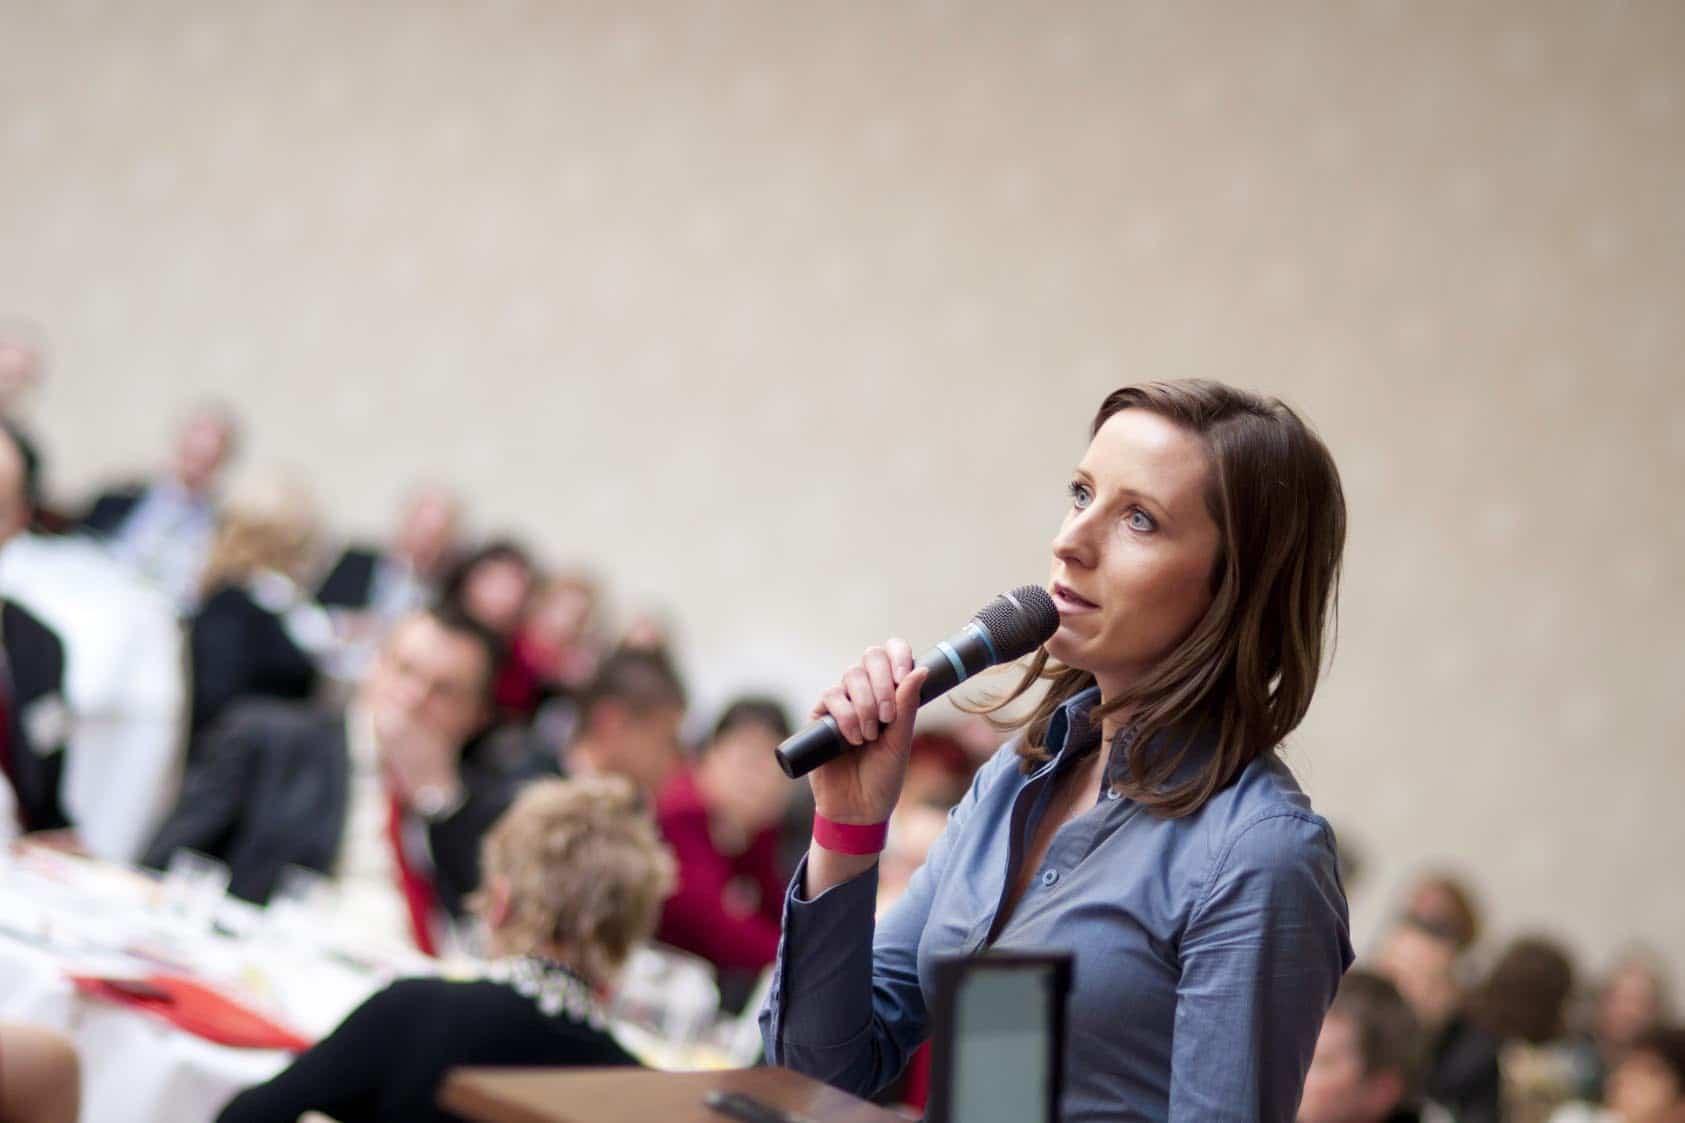 Présentations orales : mots de transition